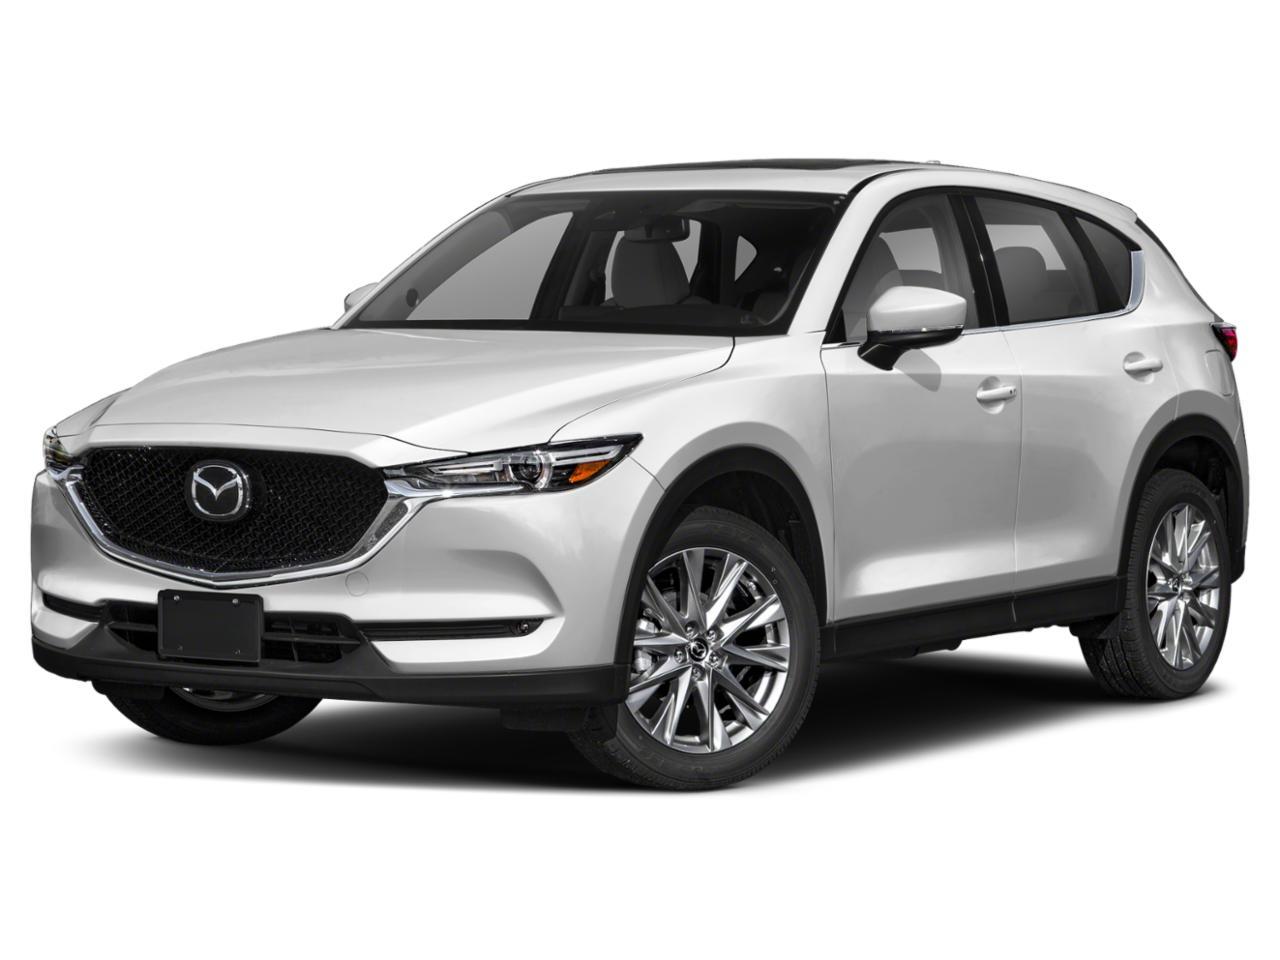 2019 Mazda CX-5 Vehicle Photo in Denver, CO 80123